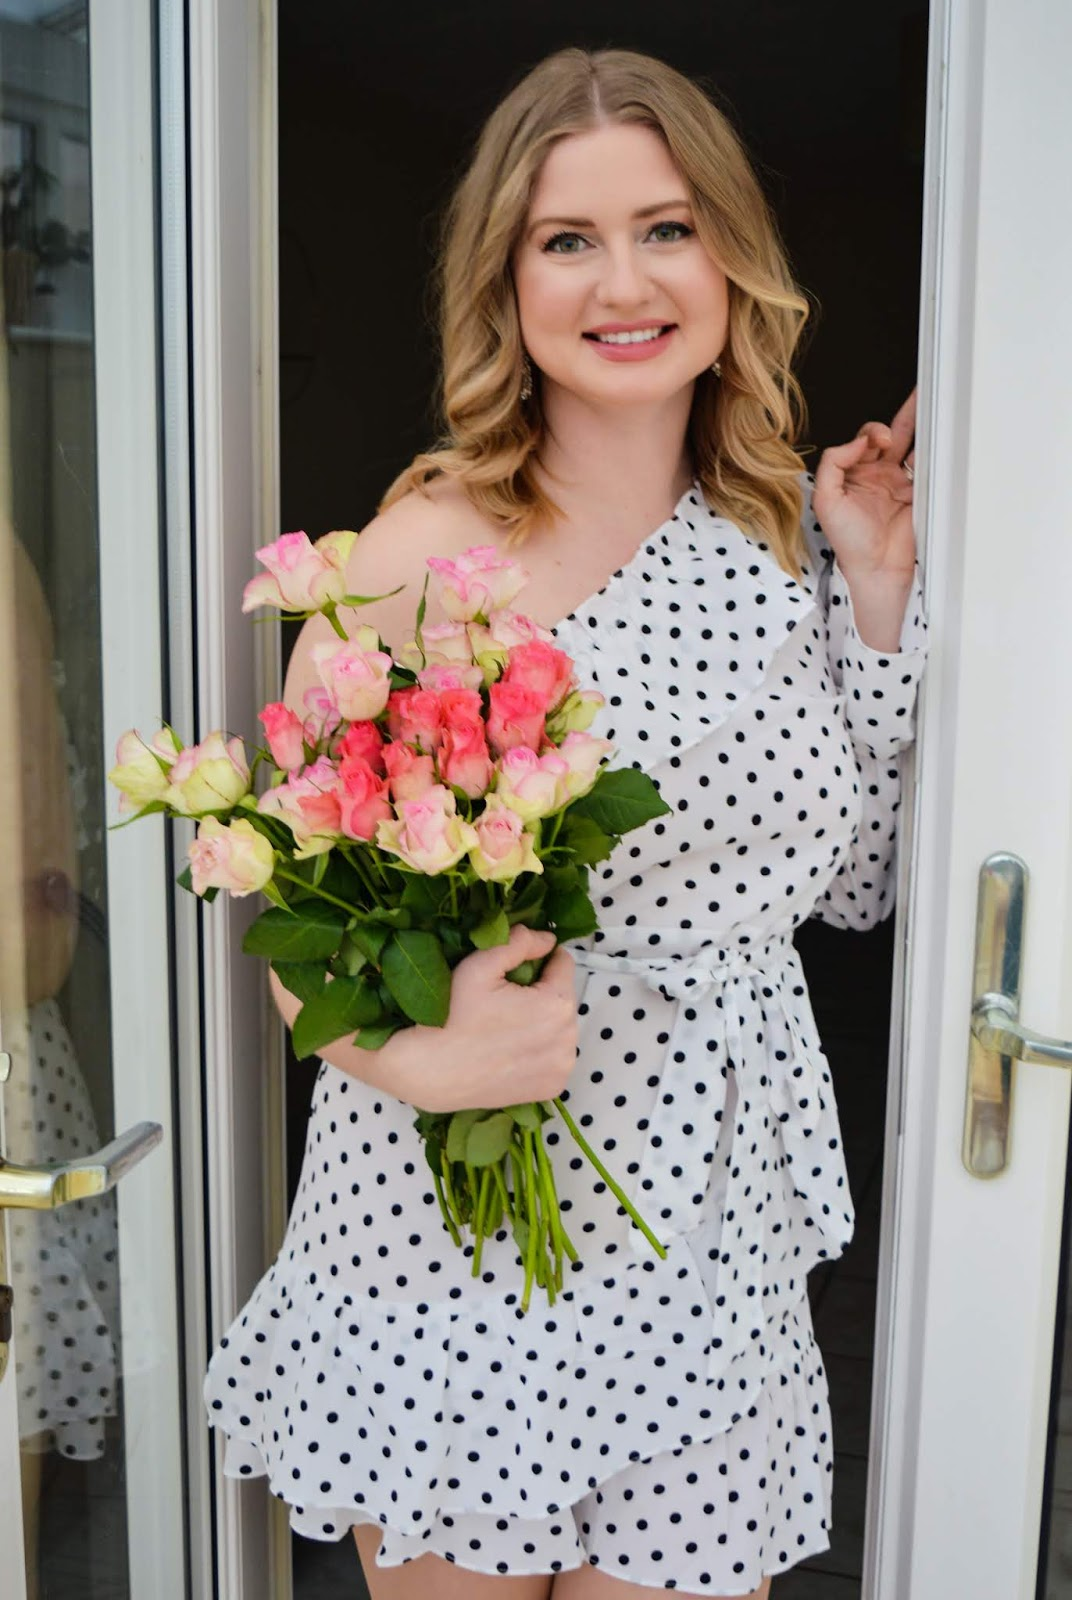 Date nigh dress in polka dot by FemmeLuxe